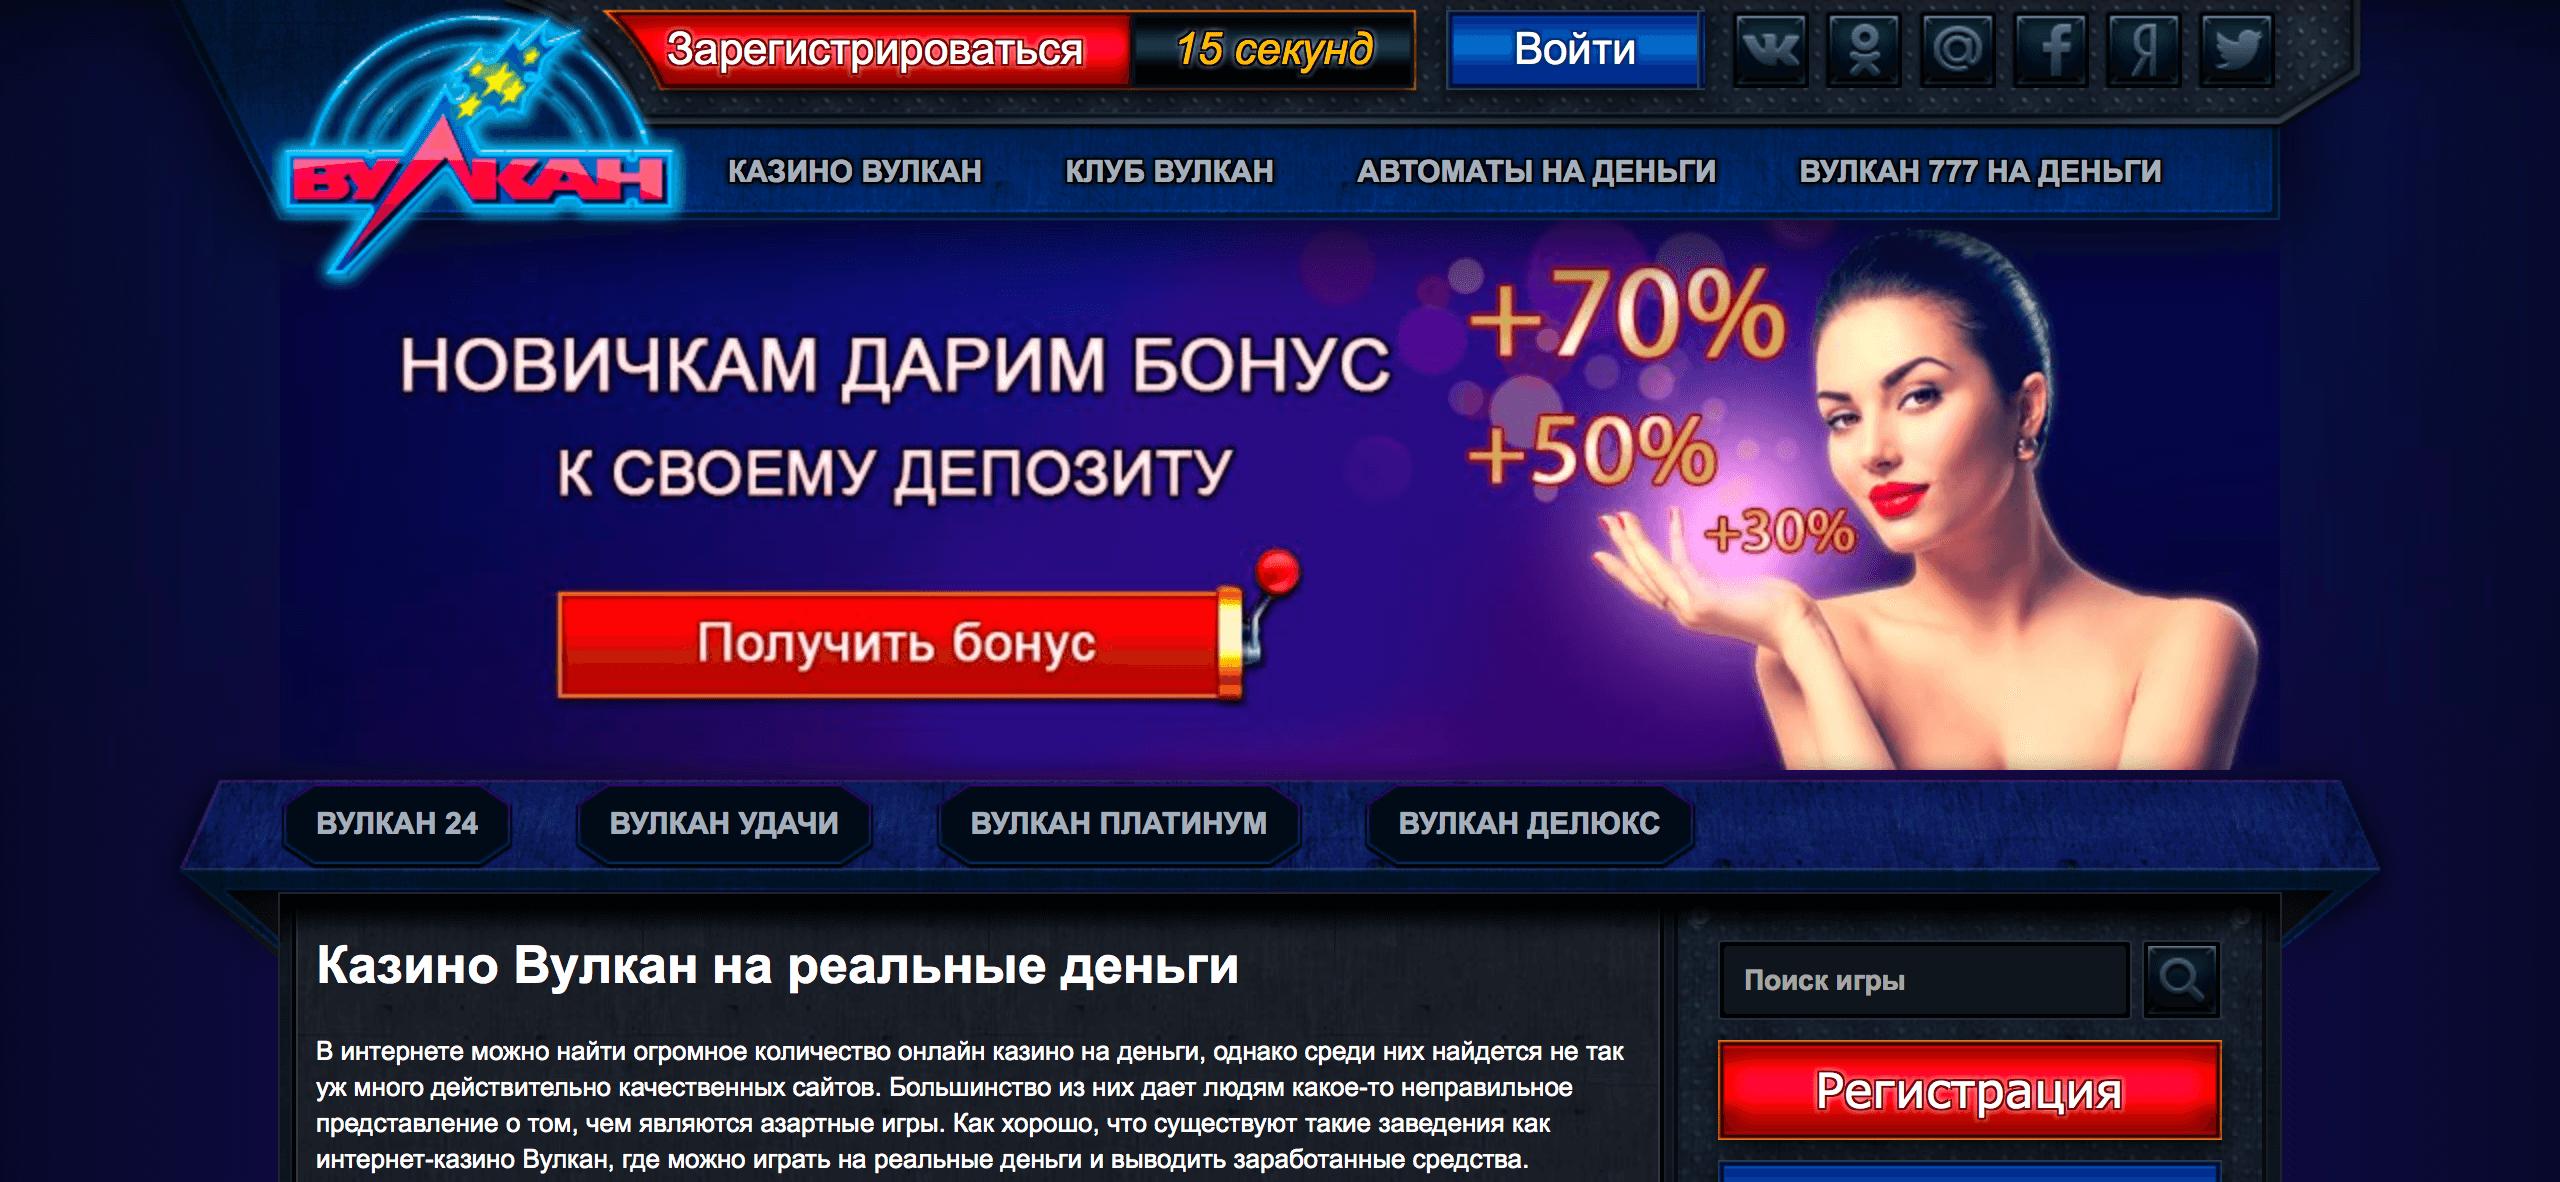 казино вулкан бонус